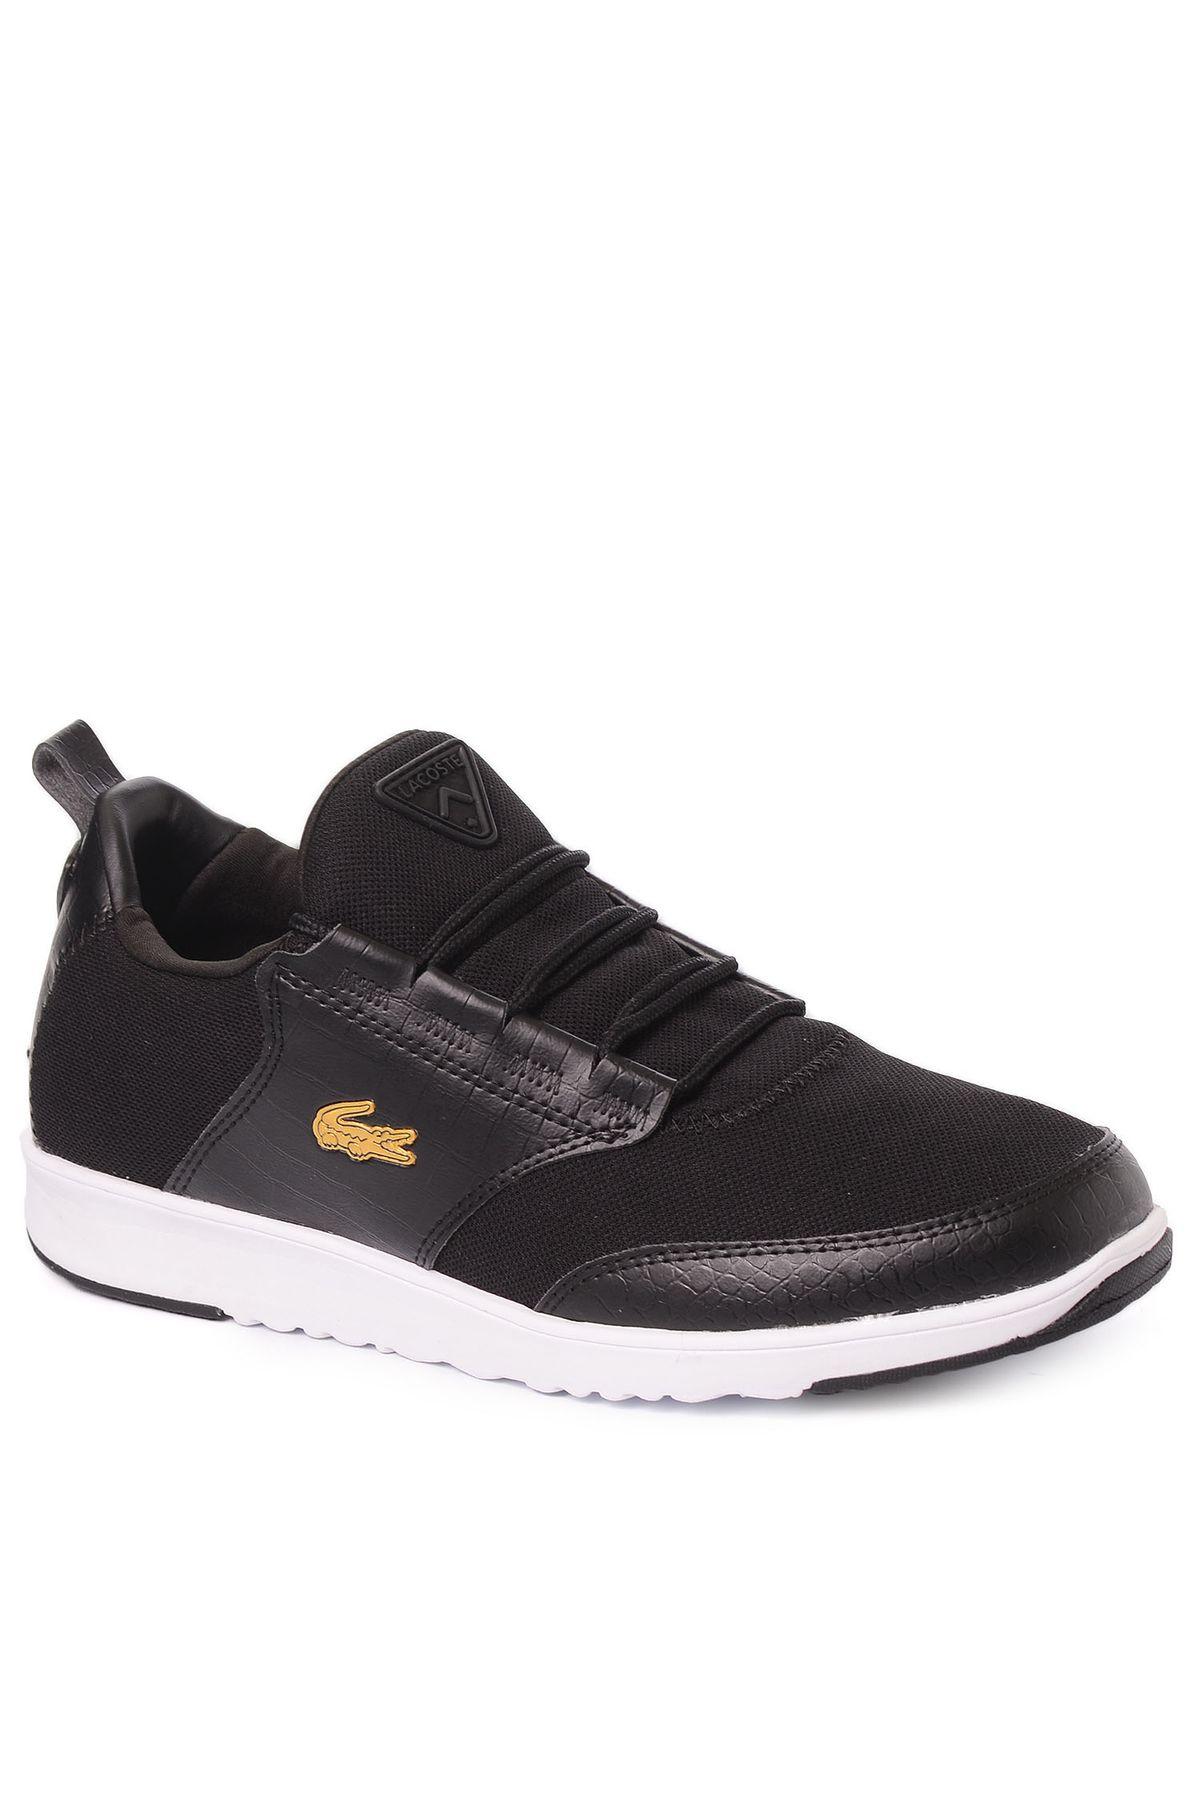 Tênis Lacoste L. Ight   Mundial Calçados - Mundial Calçados b1ea35eea9